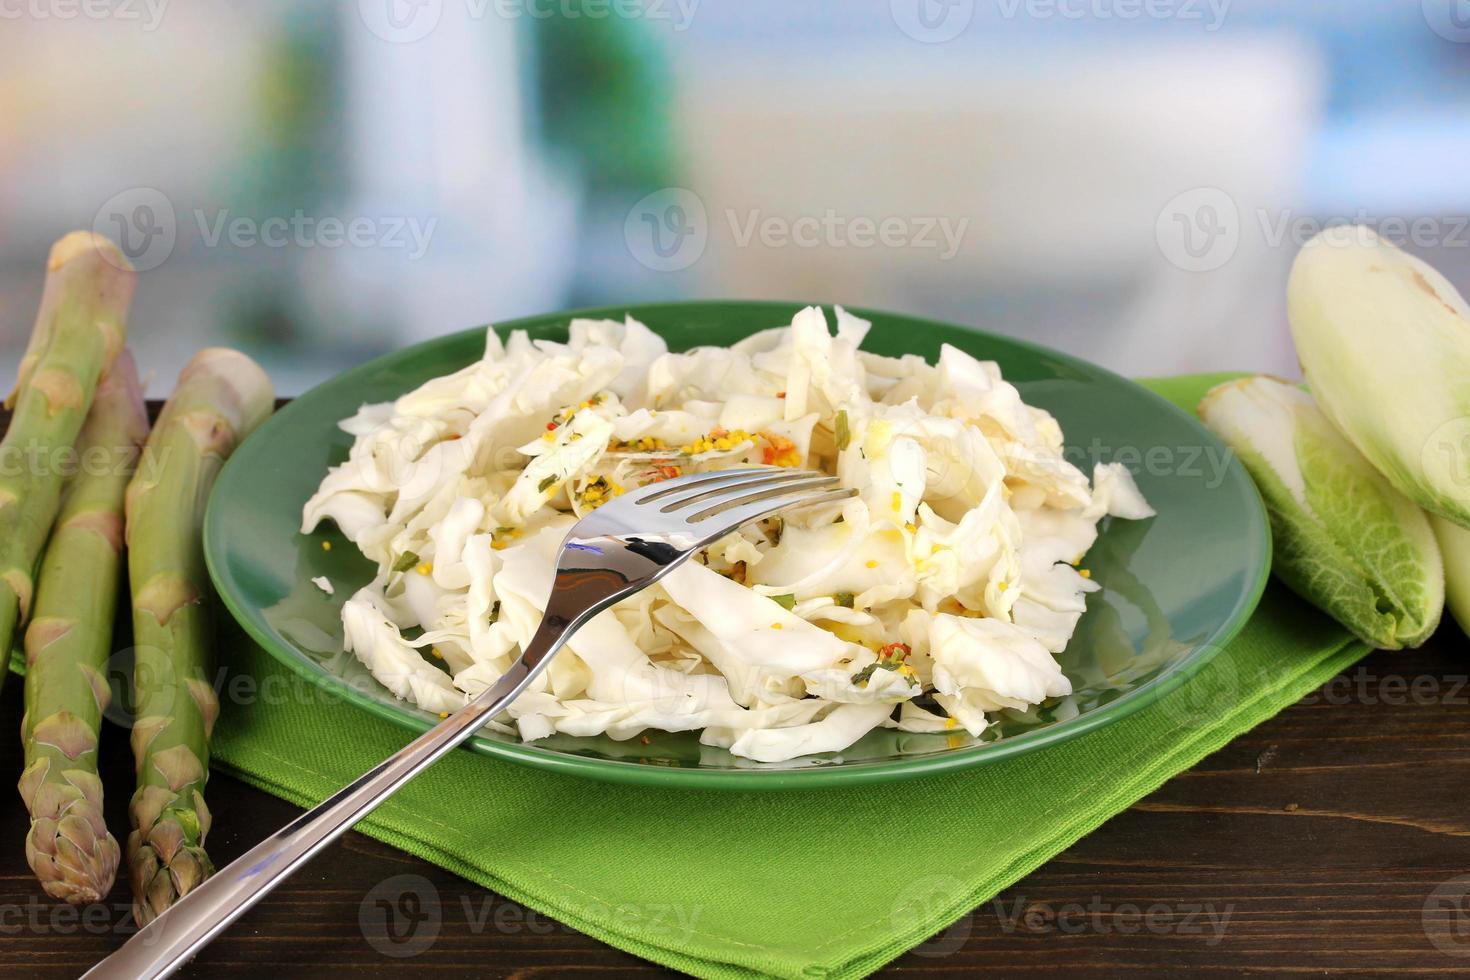 piatto con insalata di cavolo, asparagi e cicoria sul tavolo foto